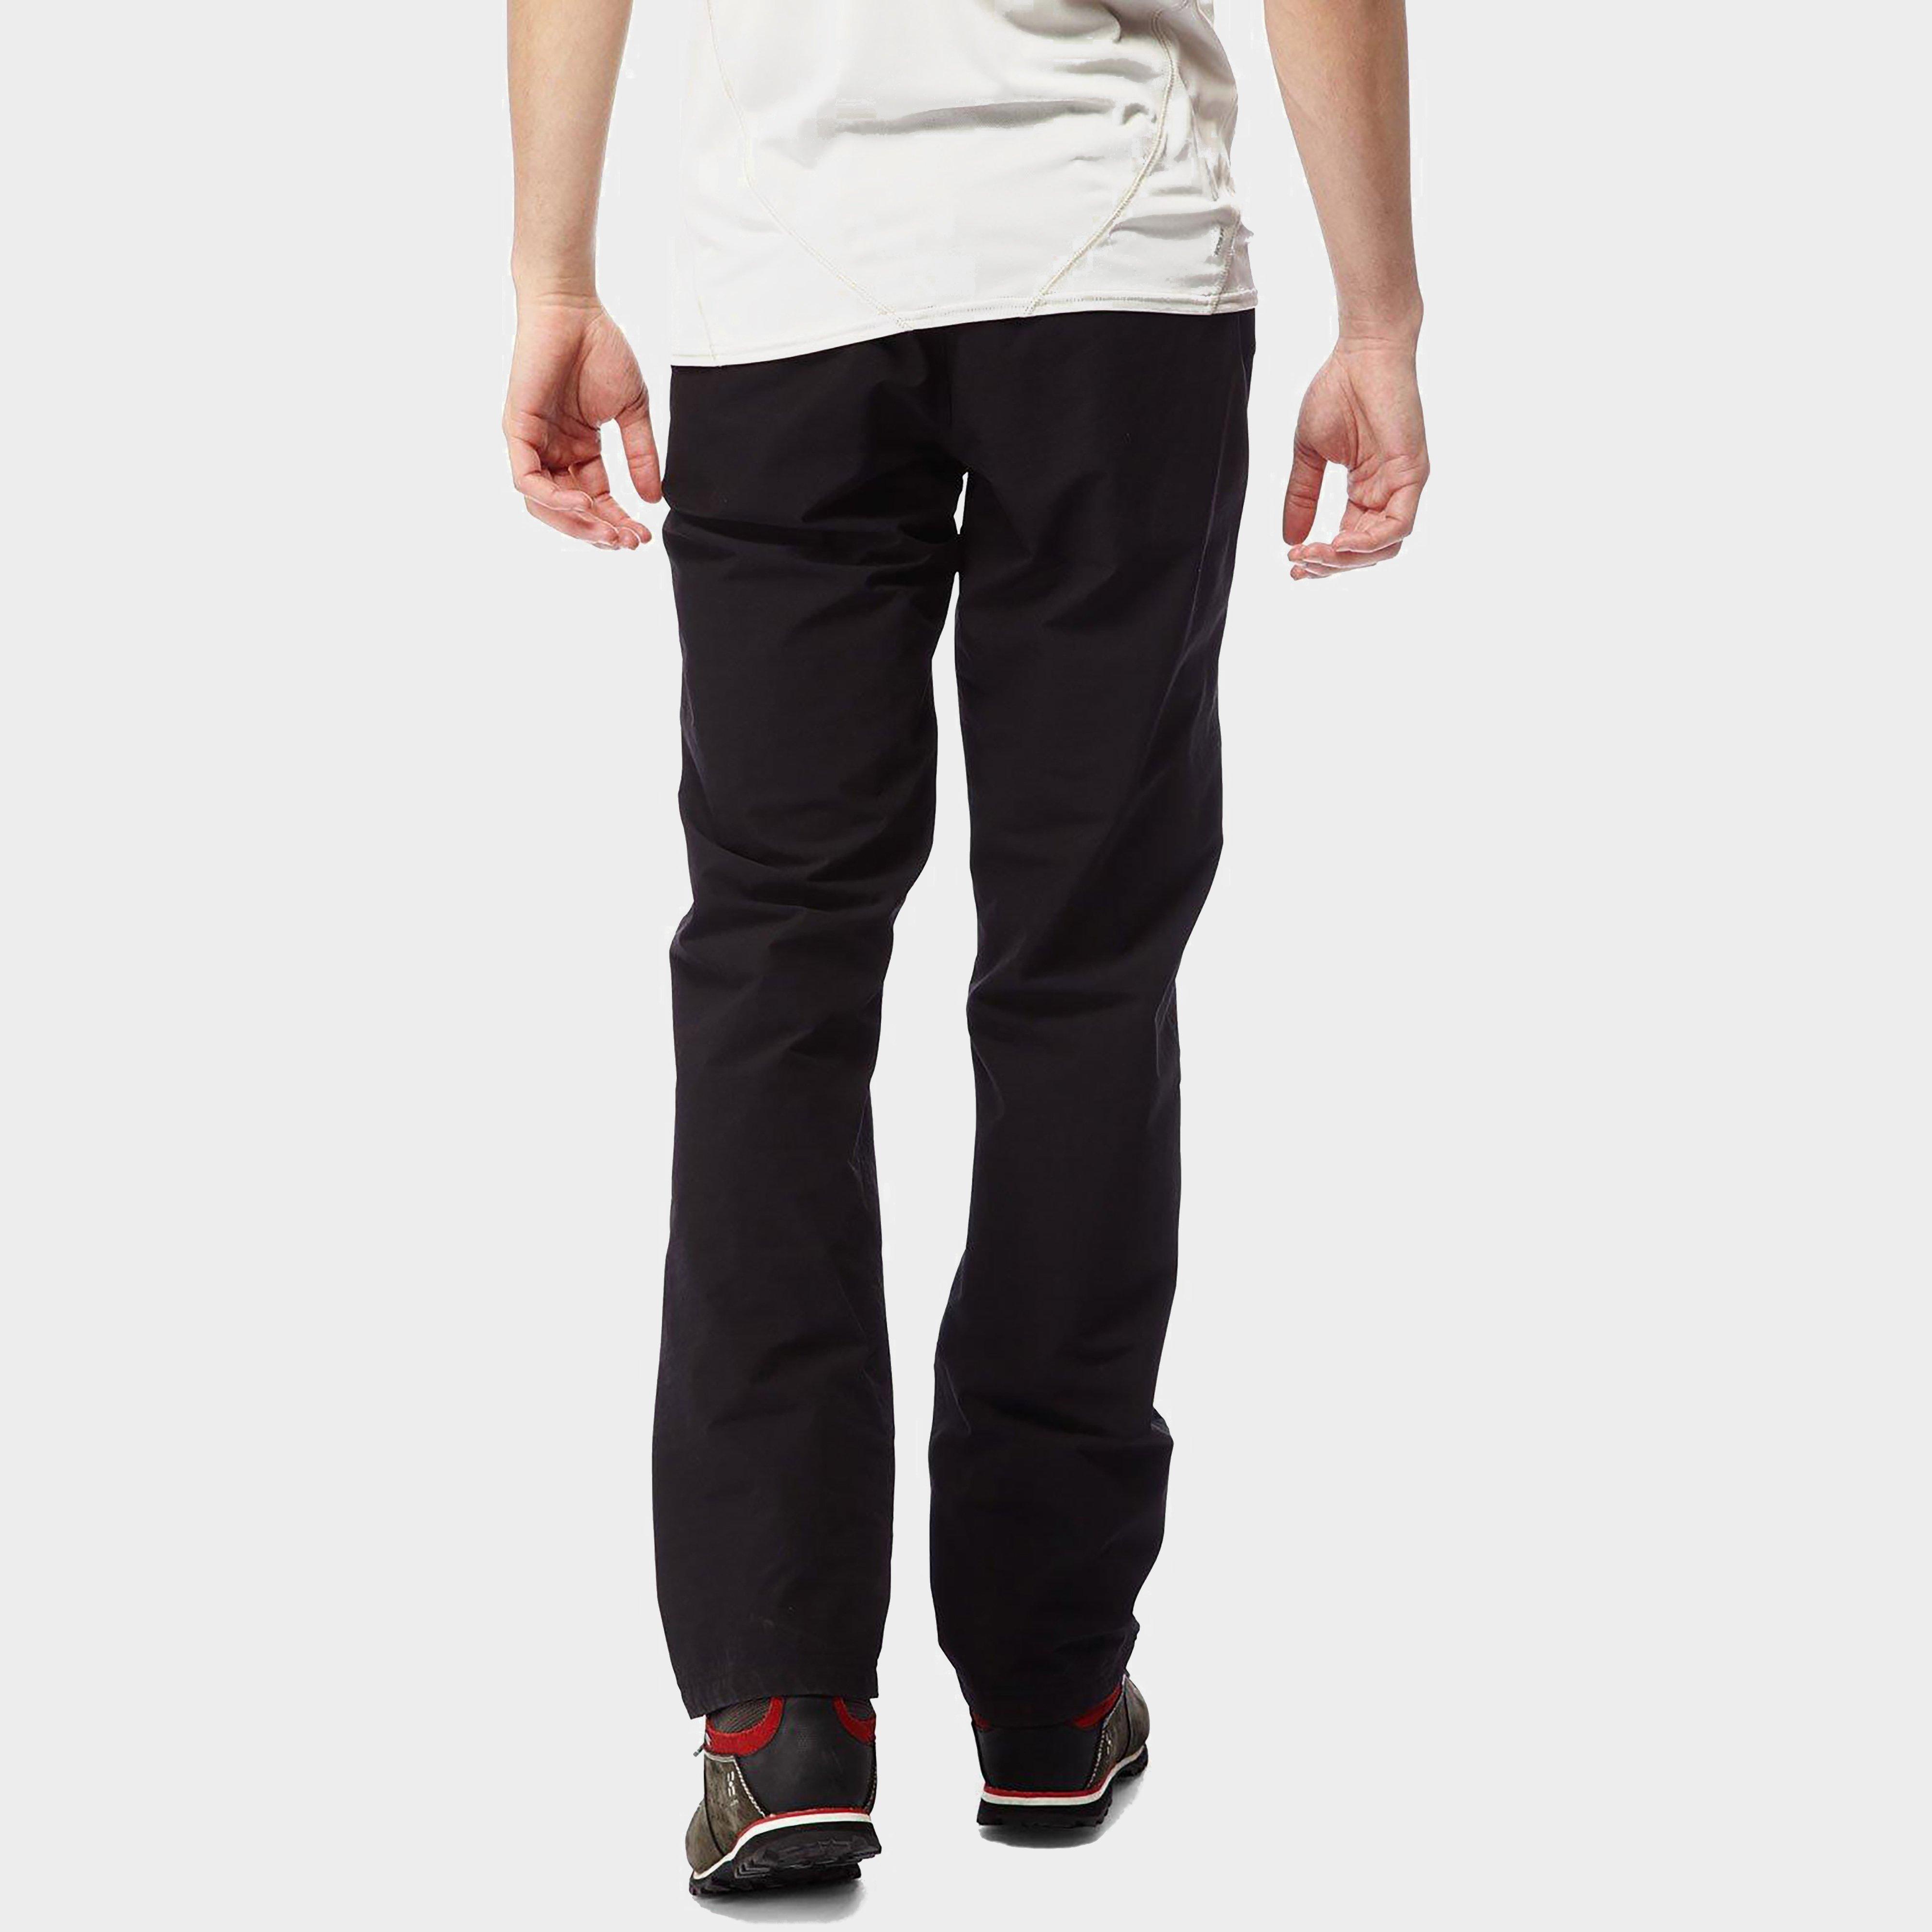 Craghoppers Craghoppers Mens Kiwi Pro Waterproof Walking Trousers - Black, Black